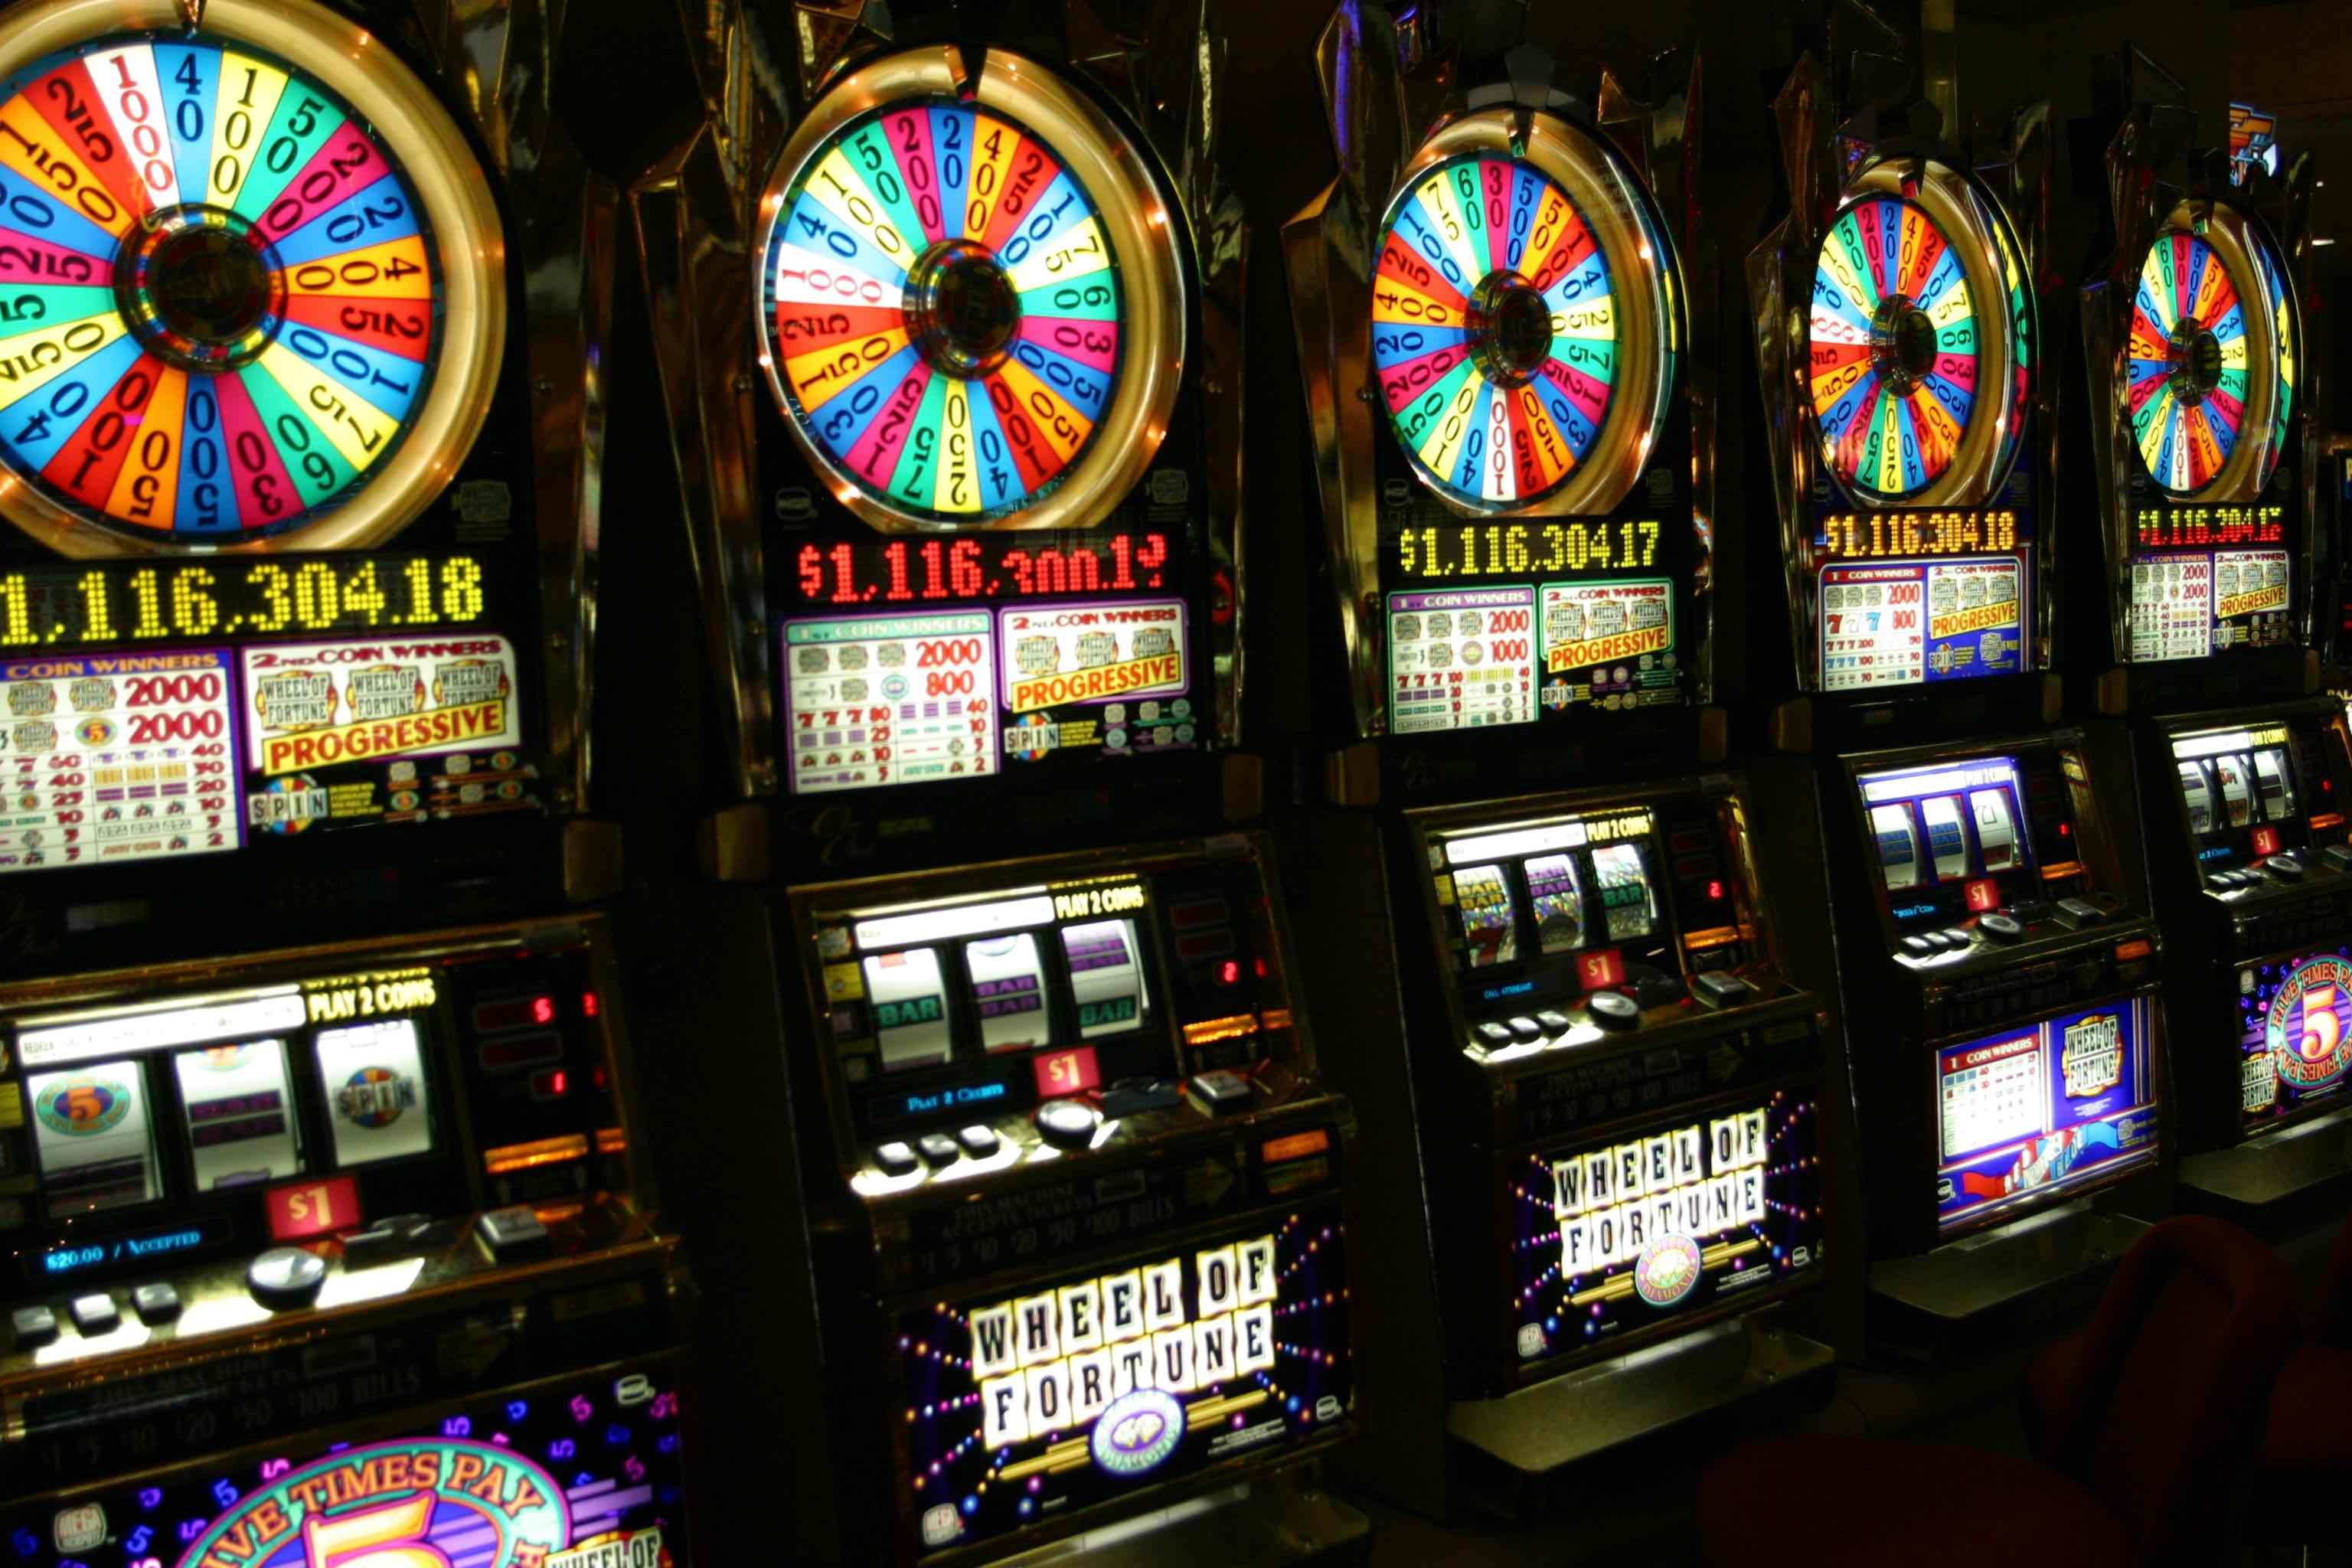 £333莲花亚洲赌场的免费资金